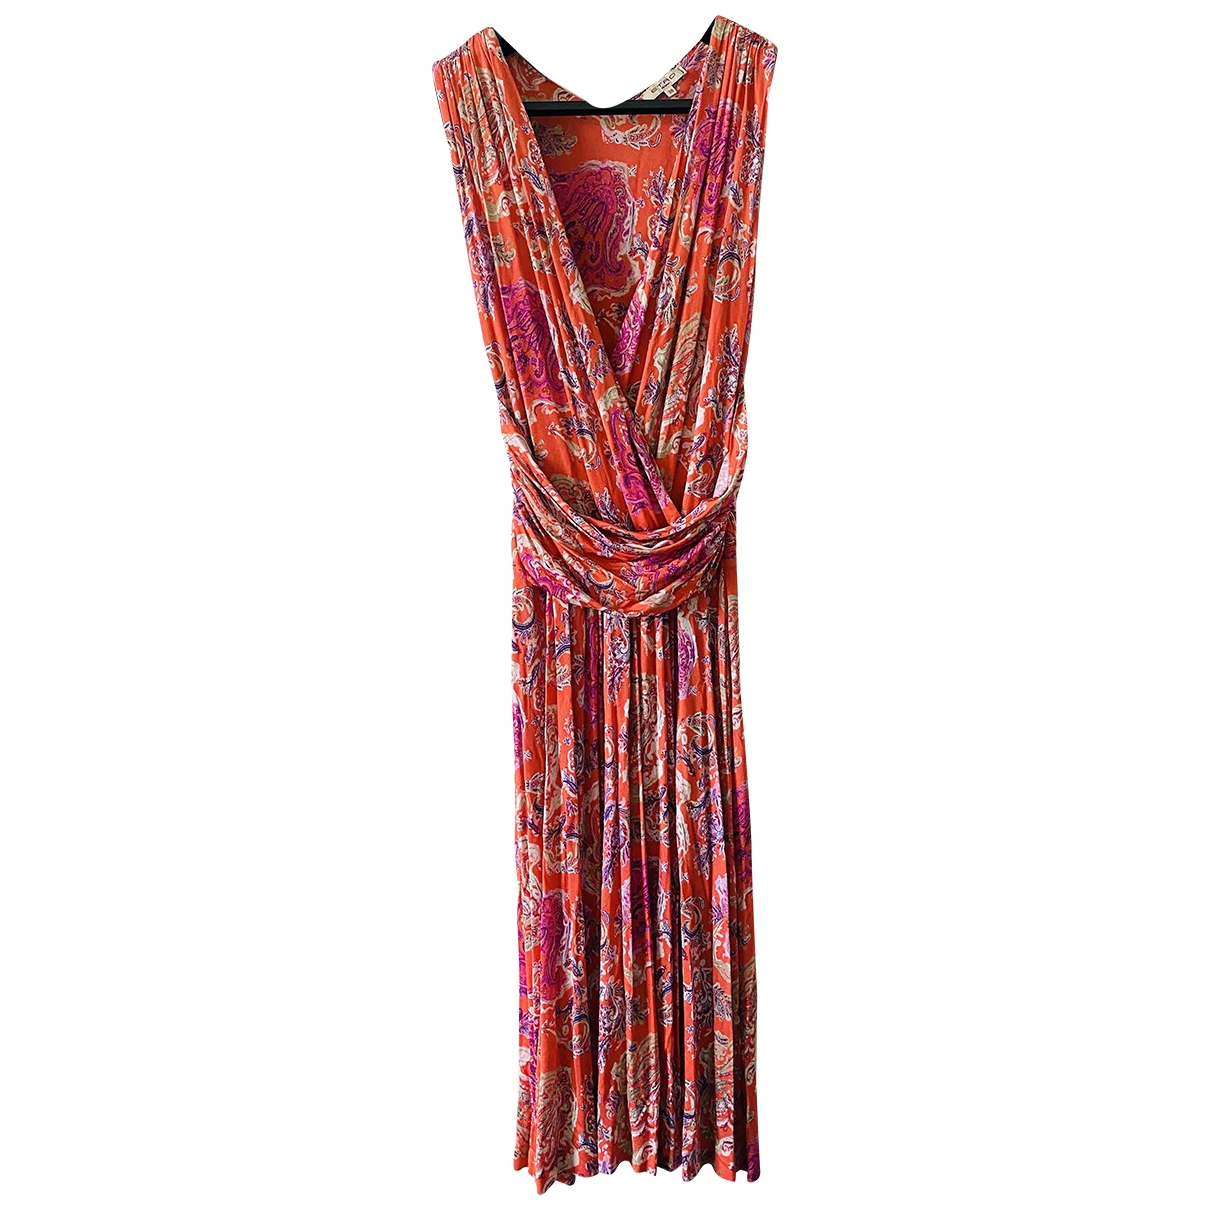 Etro \N Kleid in  Bunt Viskose